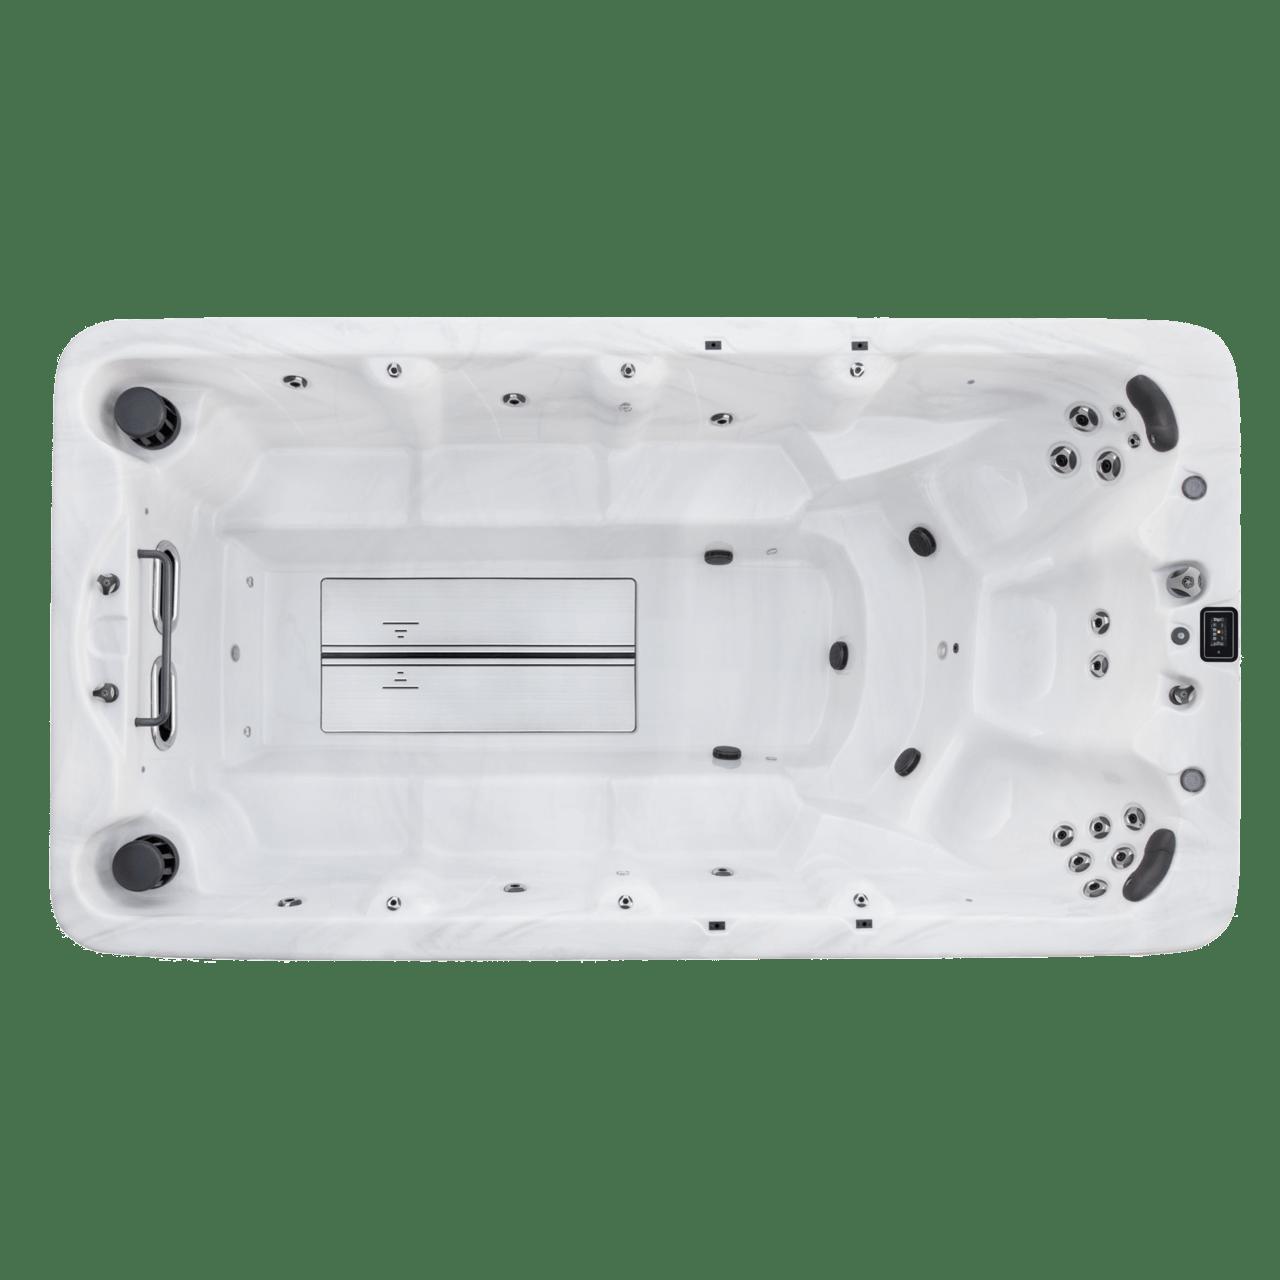 PowerPool MB4 Swim Spa & Hot Tub